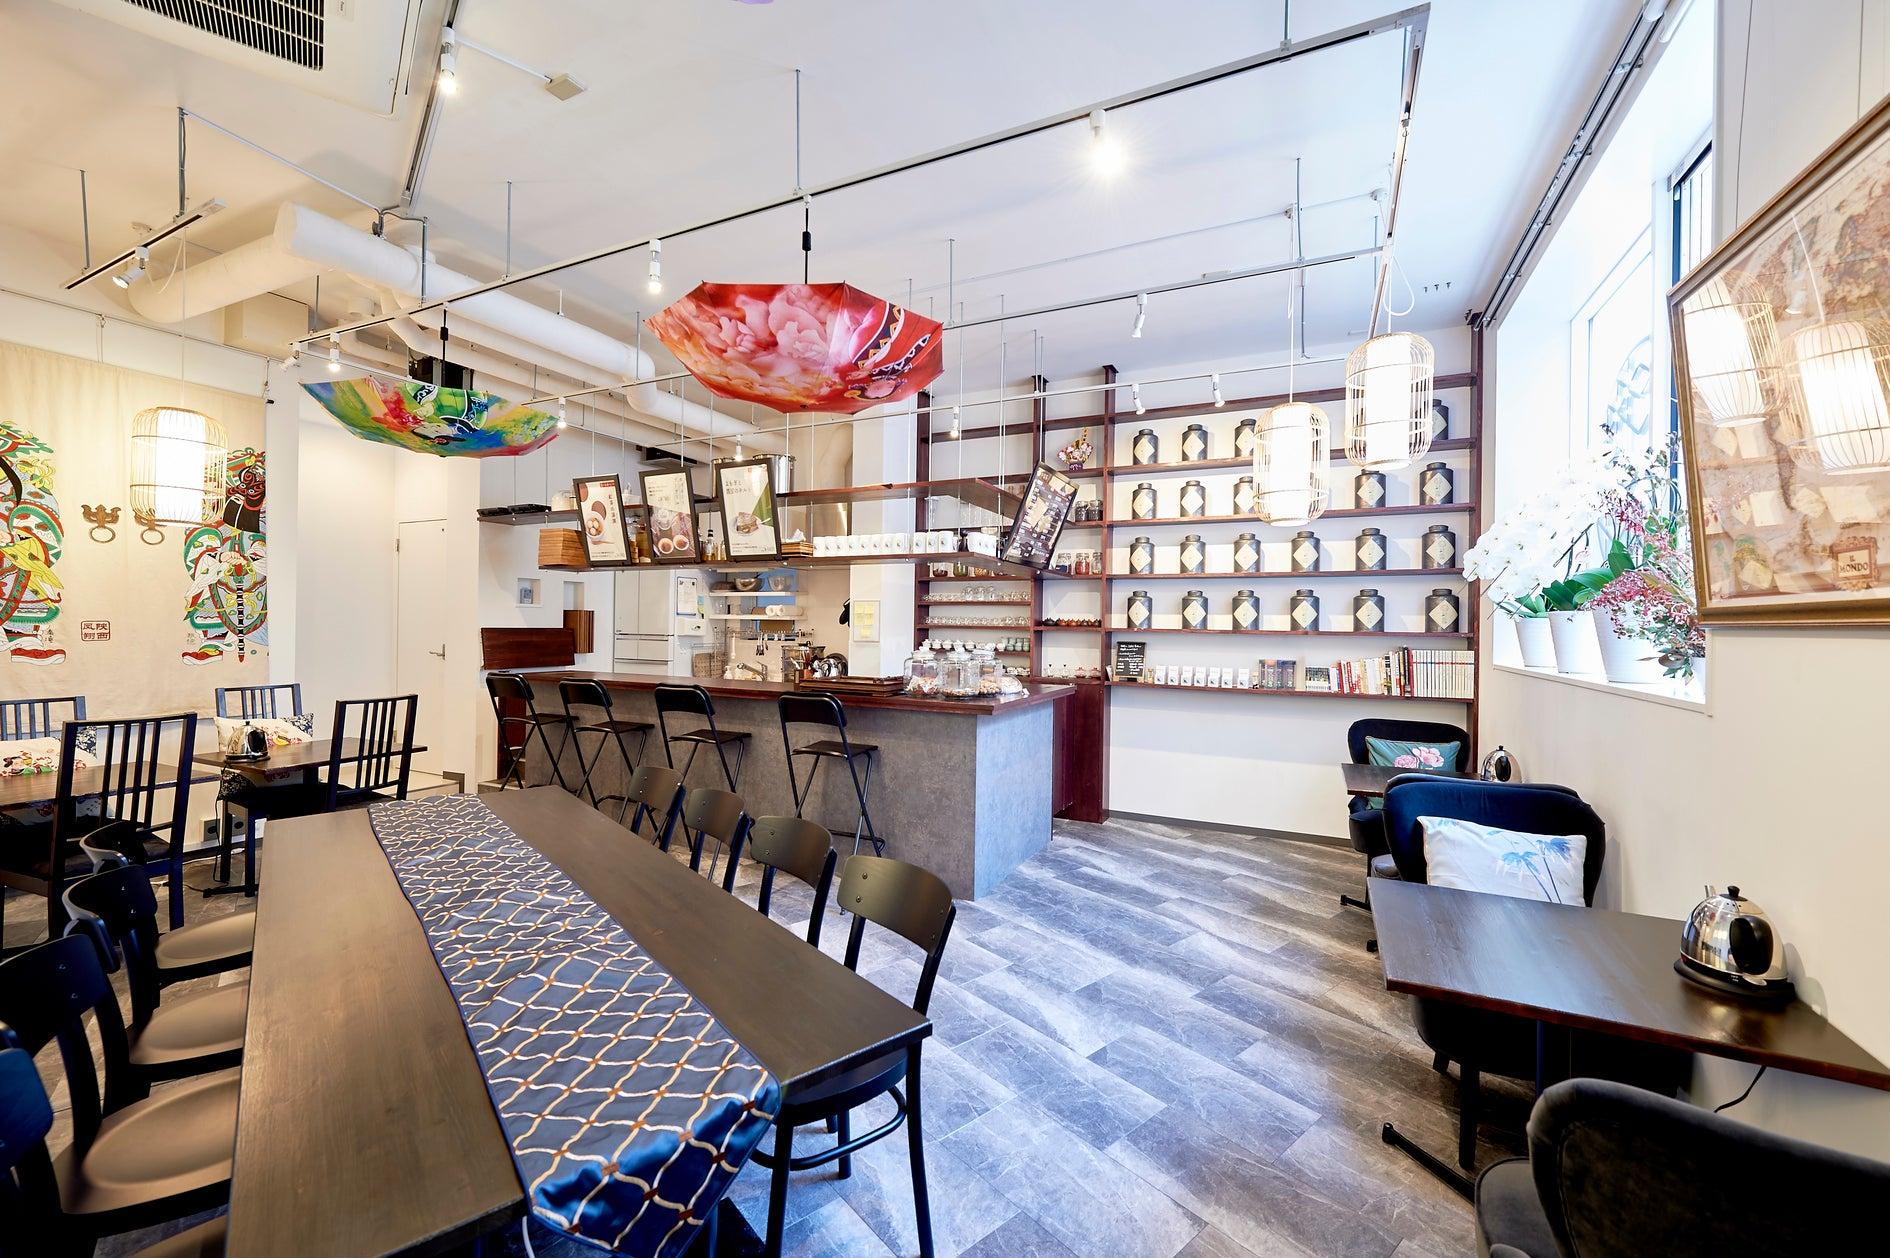 天井高は3.2m!ゆっくりできる中国茶カフェでパーティ・撮影会・勉強会・ギャラリー使用などに。(【中国茶カフェを貸切!】天井高3.2mのゆったり空間でパーティ・撮影会・勉強会・ギャラリーに。) の写真0